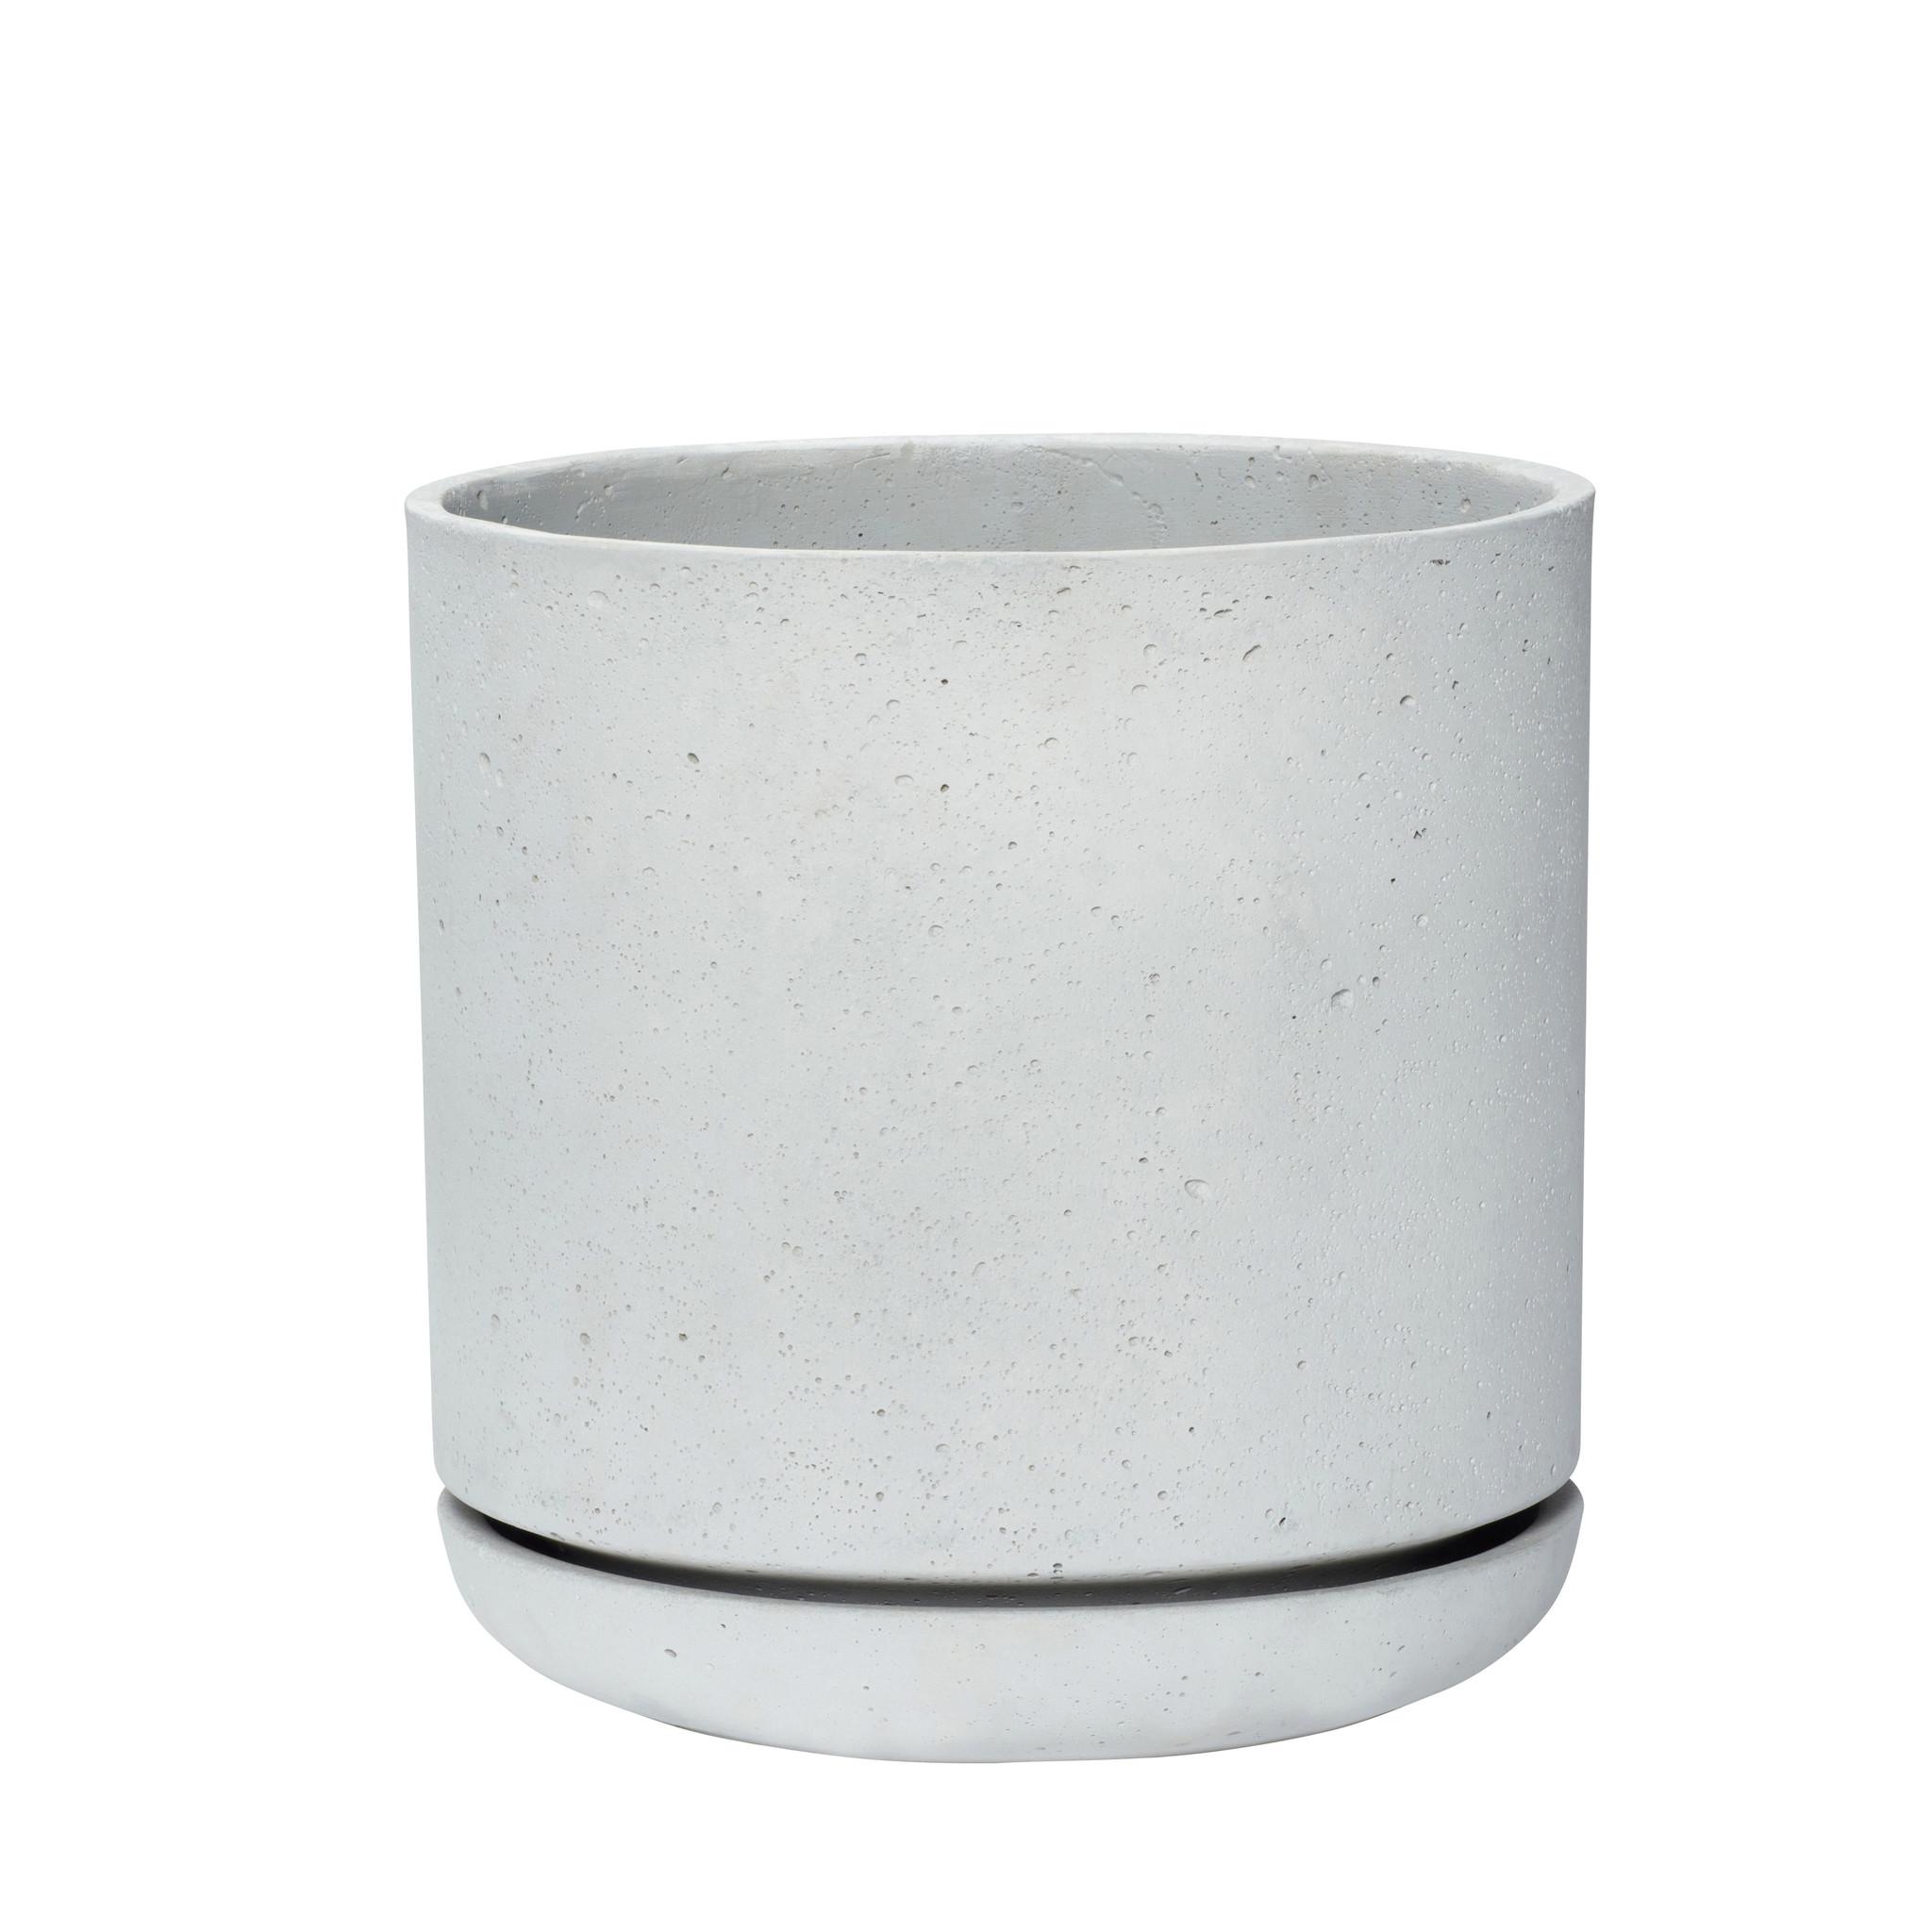 Hubsch Bloempot Fiberstone, grijs (set van 2)